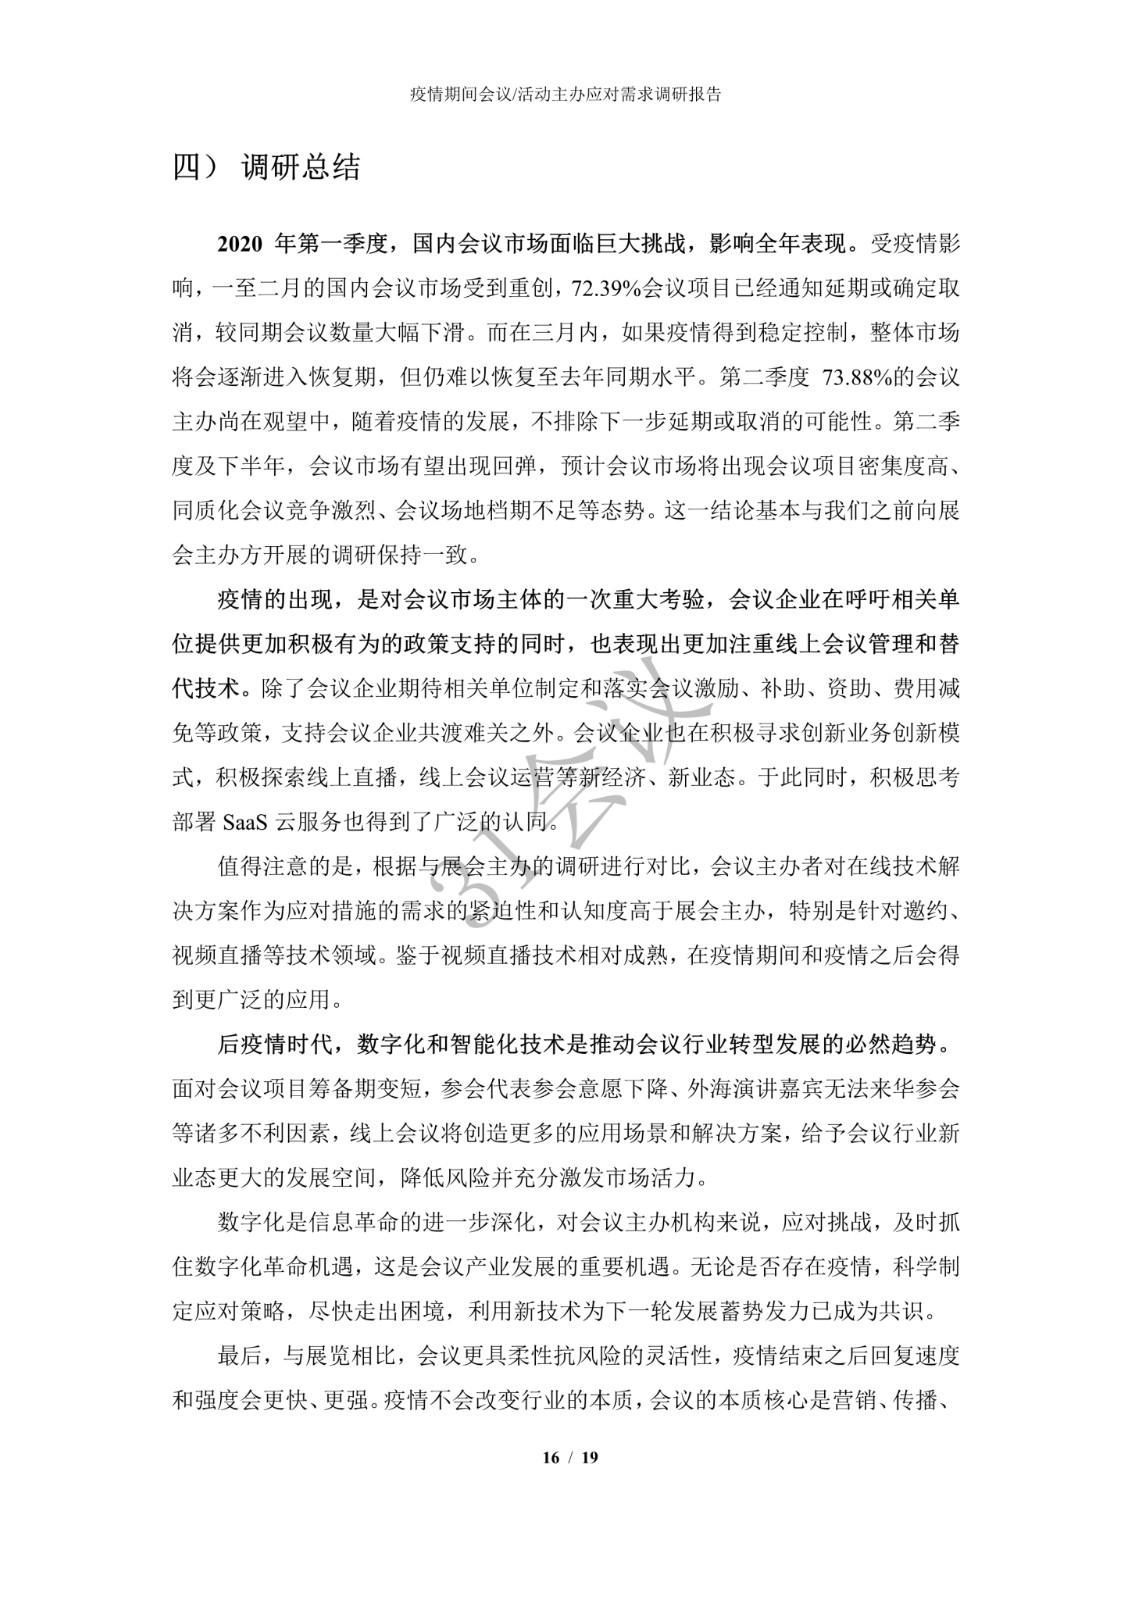 新型冠状病毒肺炎疫情期间 会议活动主办应对需求调研报告_15_看图王.jpg